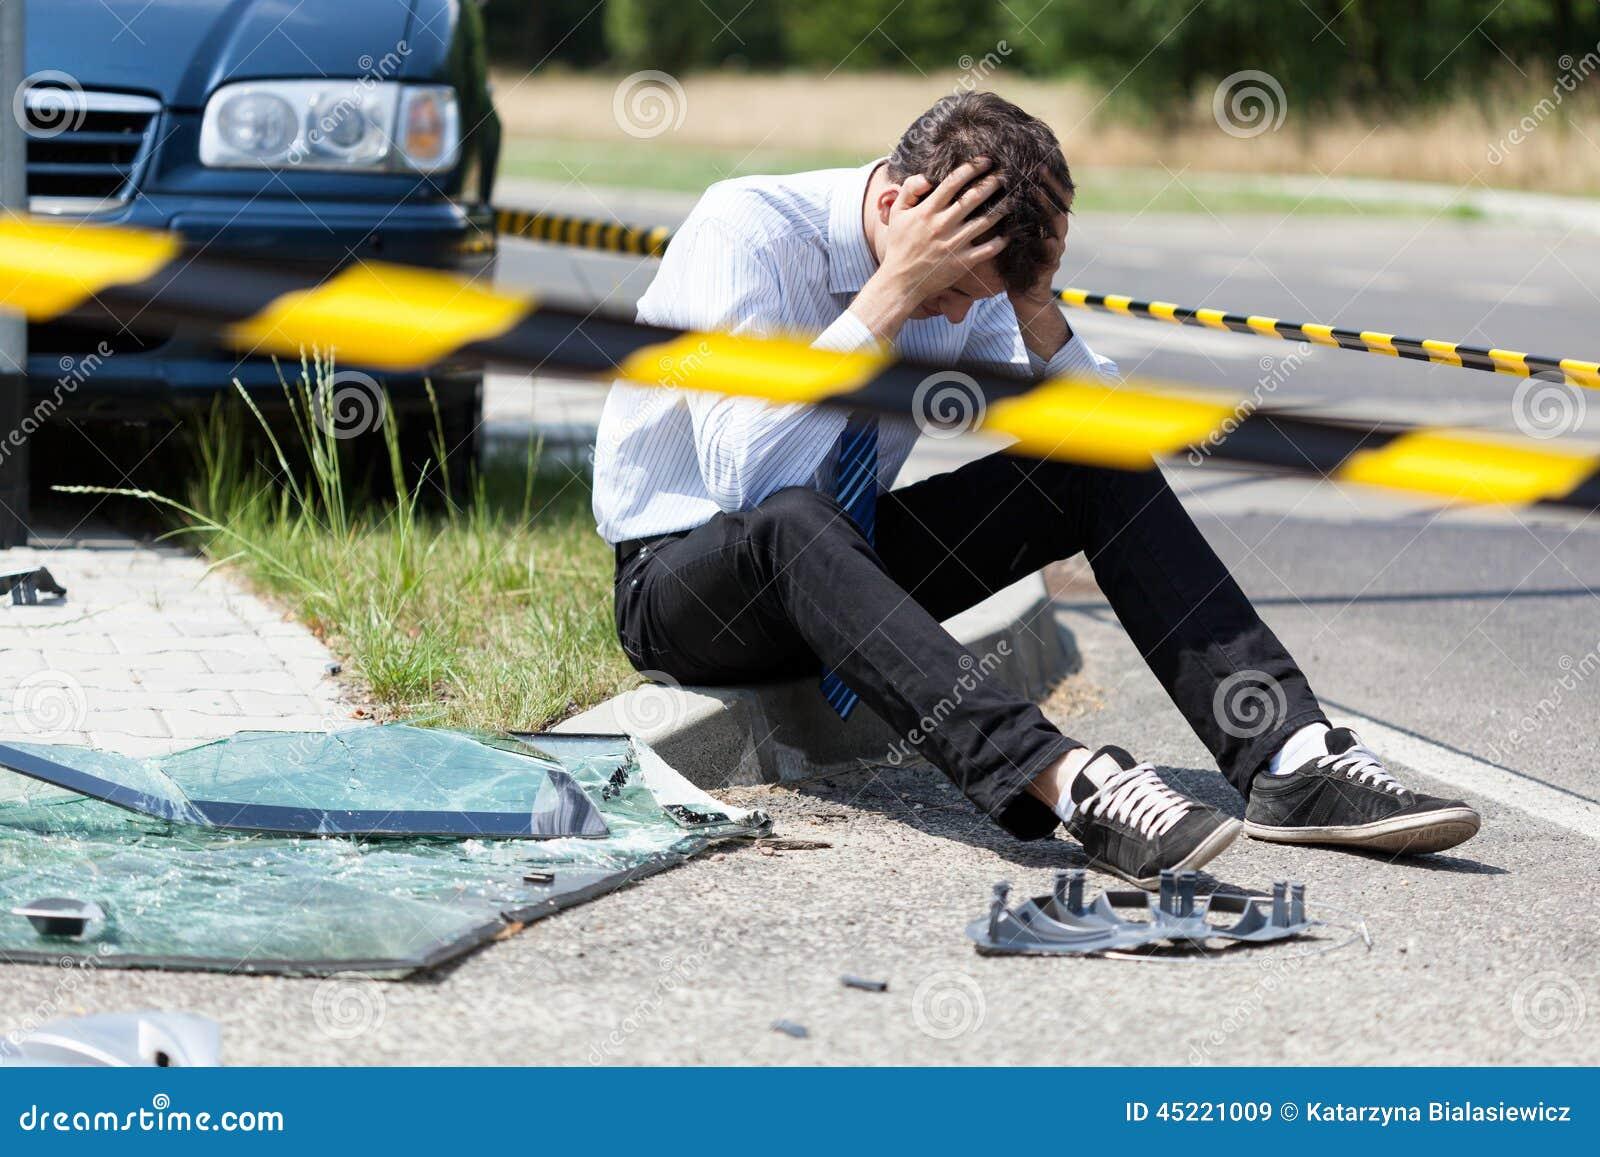 Hombre después del accidente de tráfico